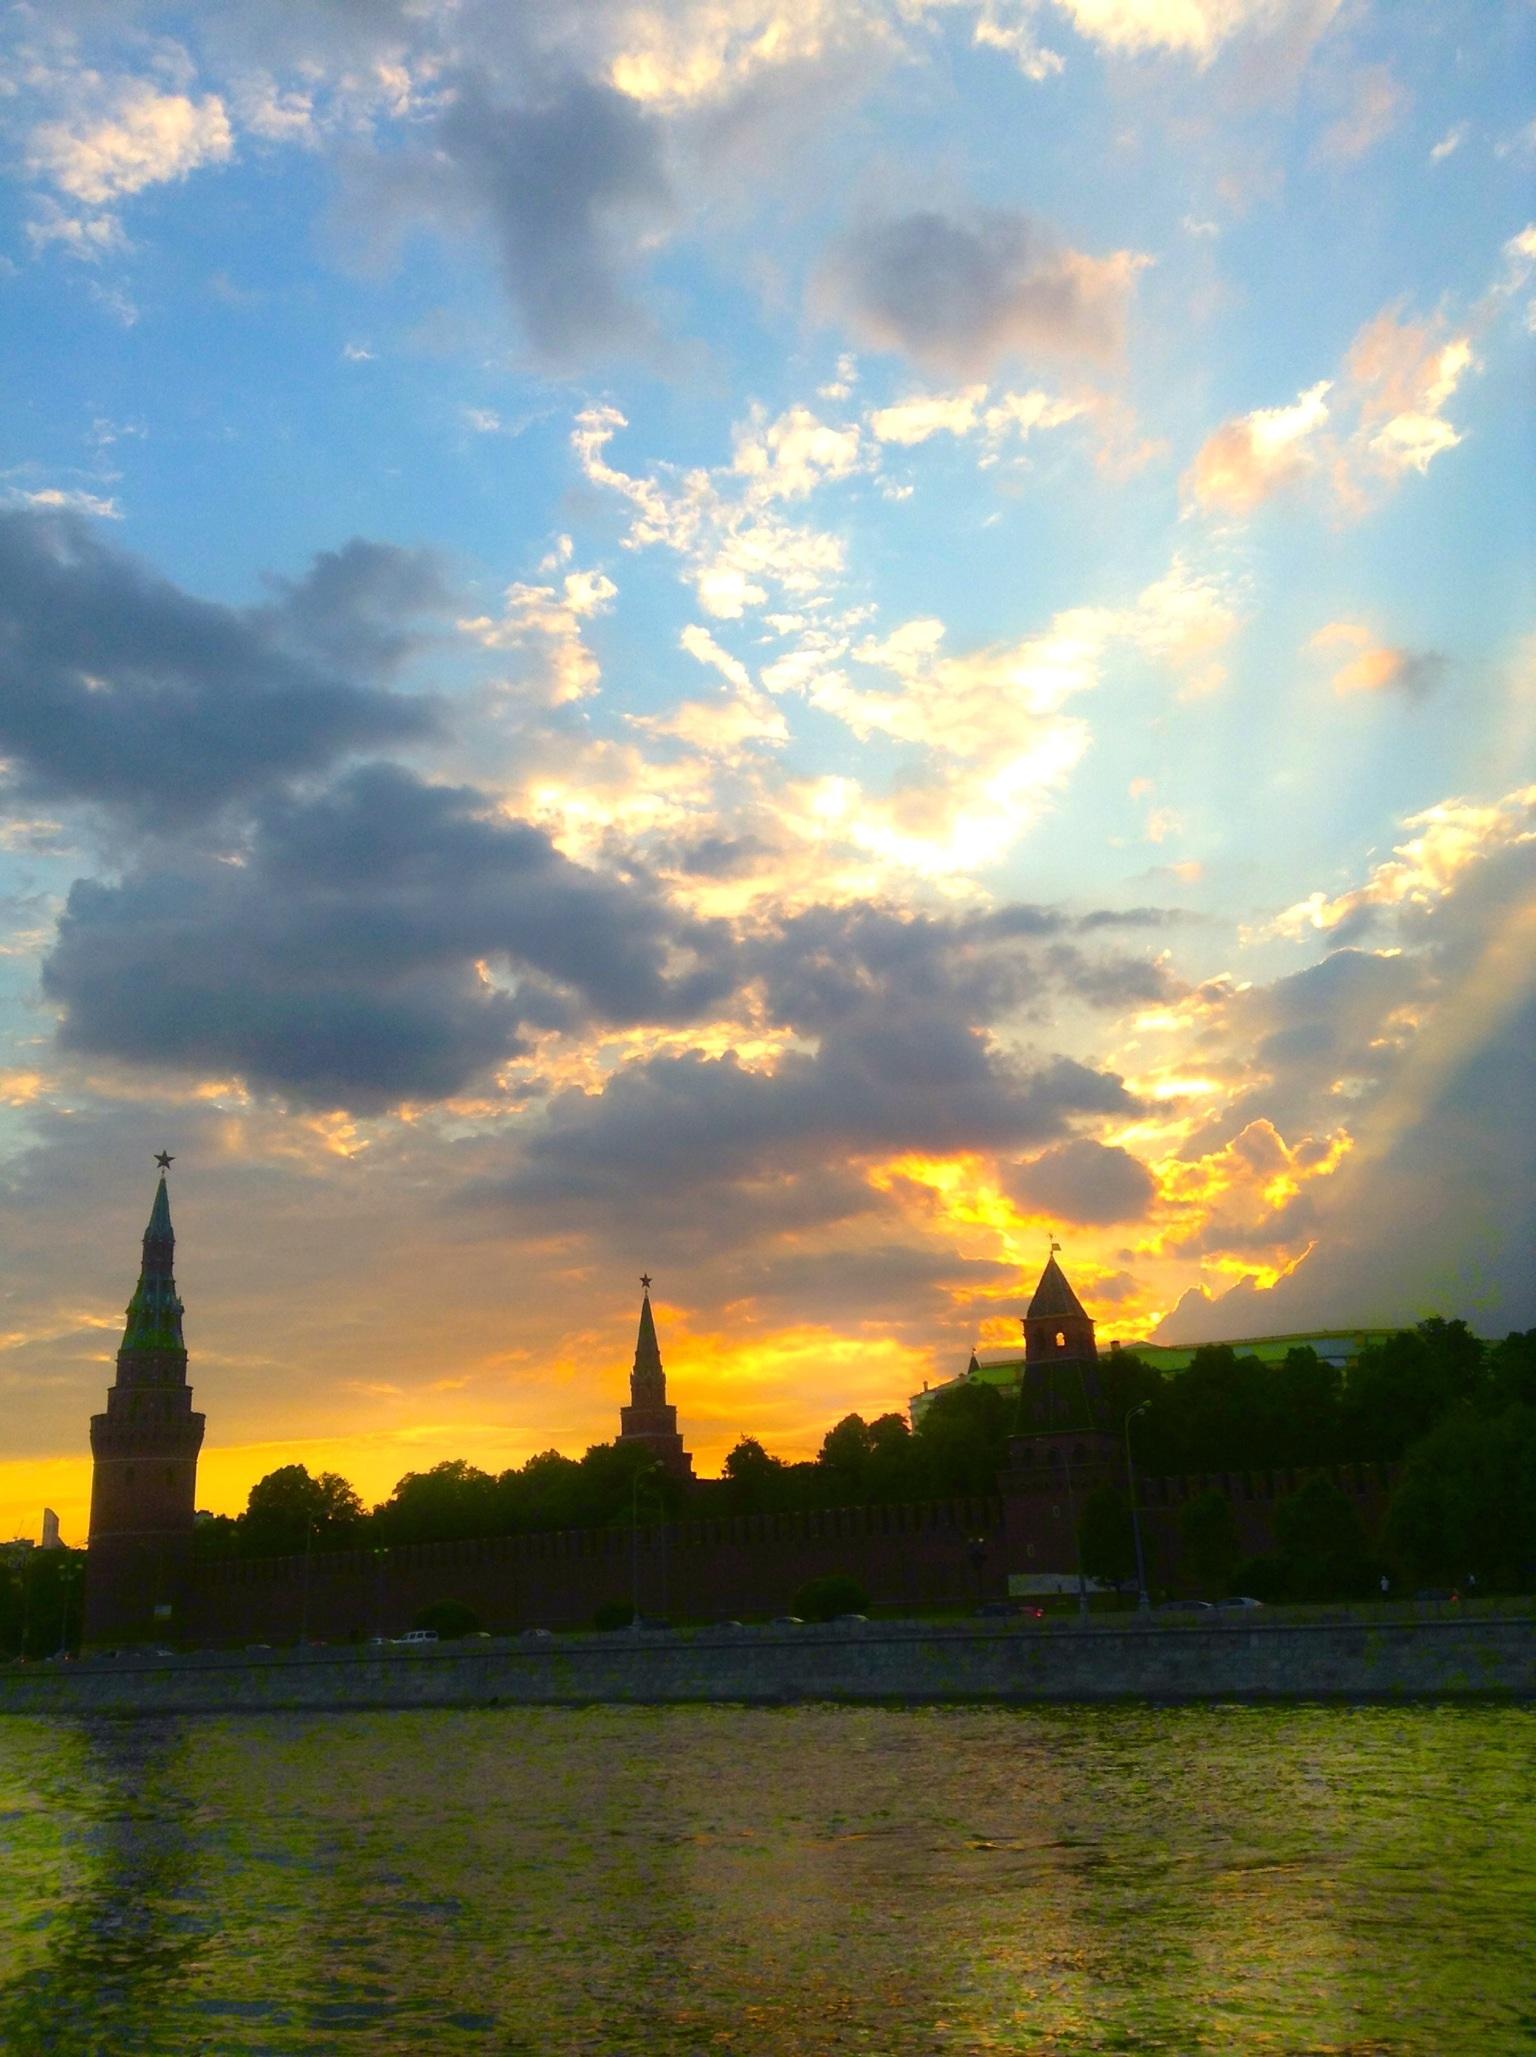 The Kremlin at sunset (mobile).